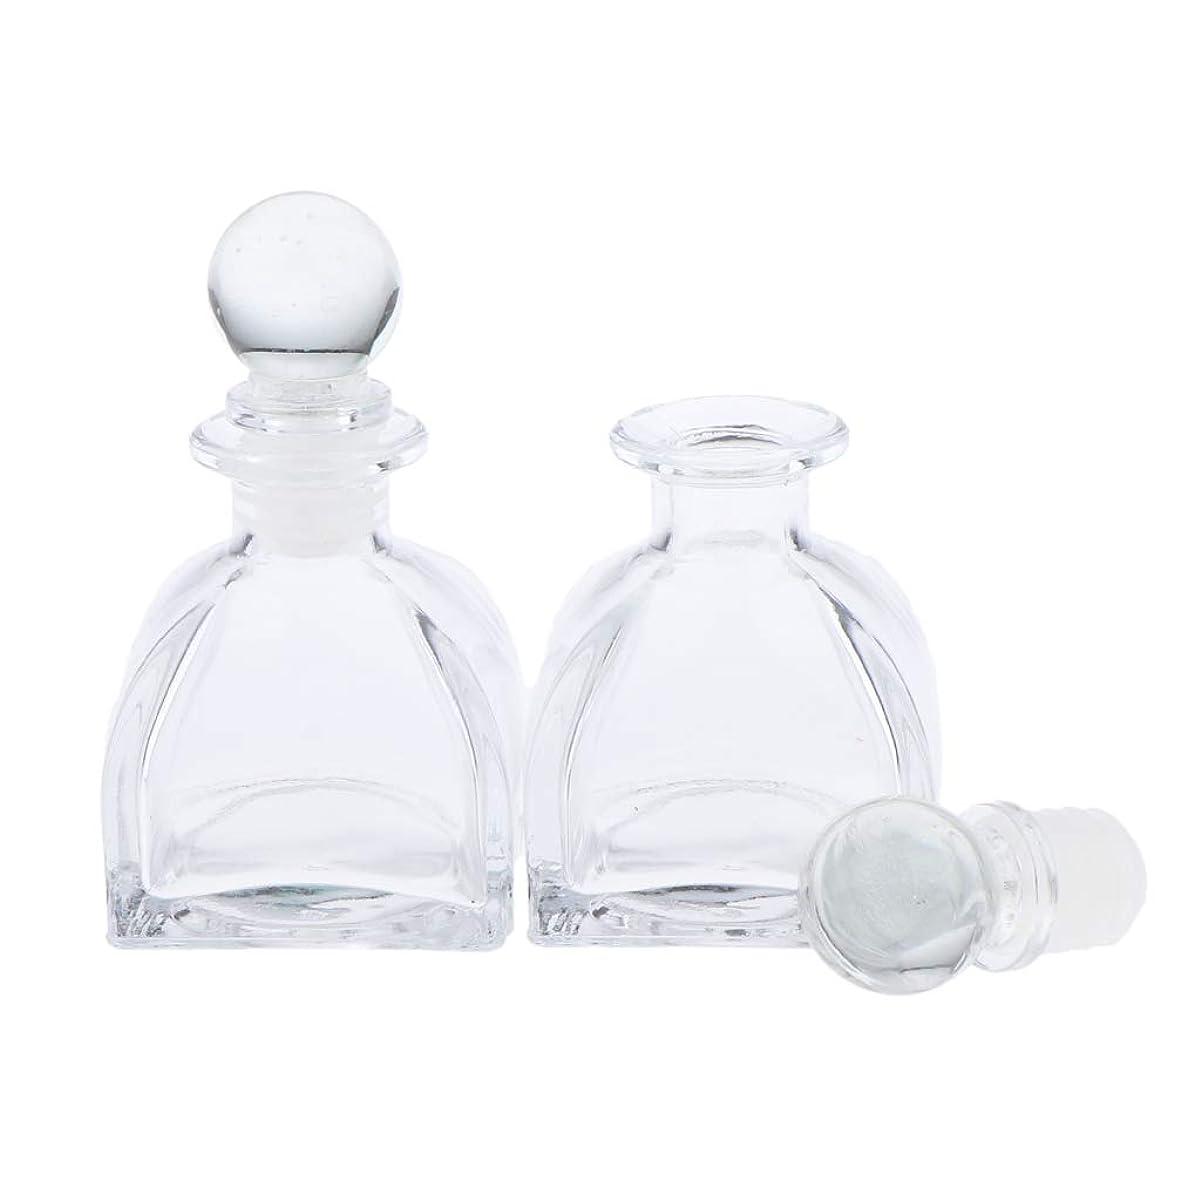 飲み込むヘッジ規範Perfeclan 2個 全3サイズ 香水ディフューザーボトル ガラスボトル 透明 ローション 化粧品適用 DIY 交換 - 50ミリリットル